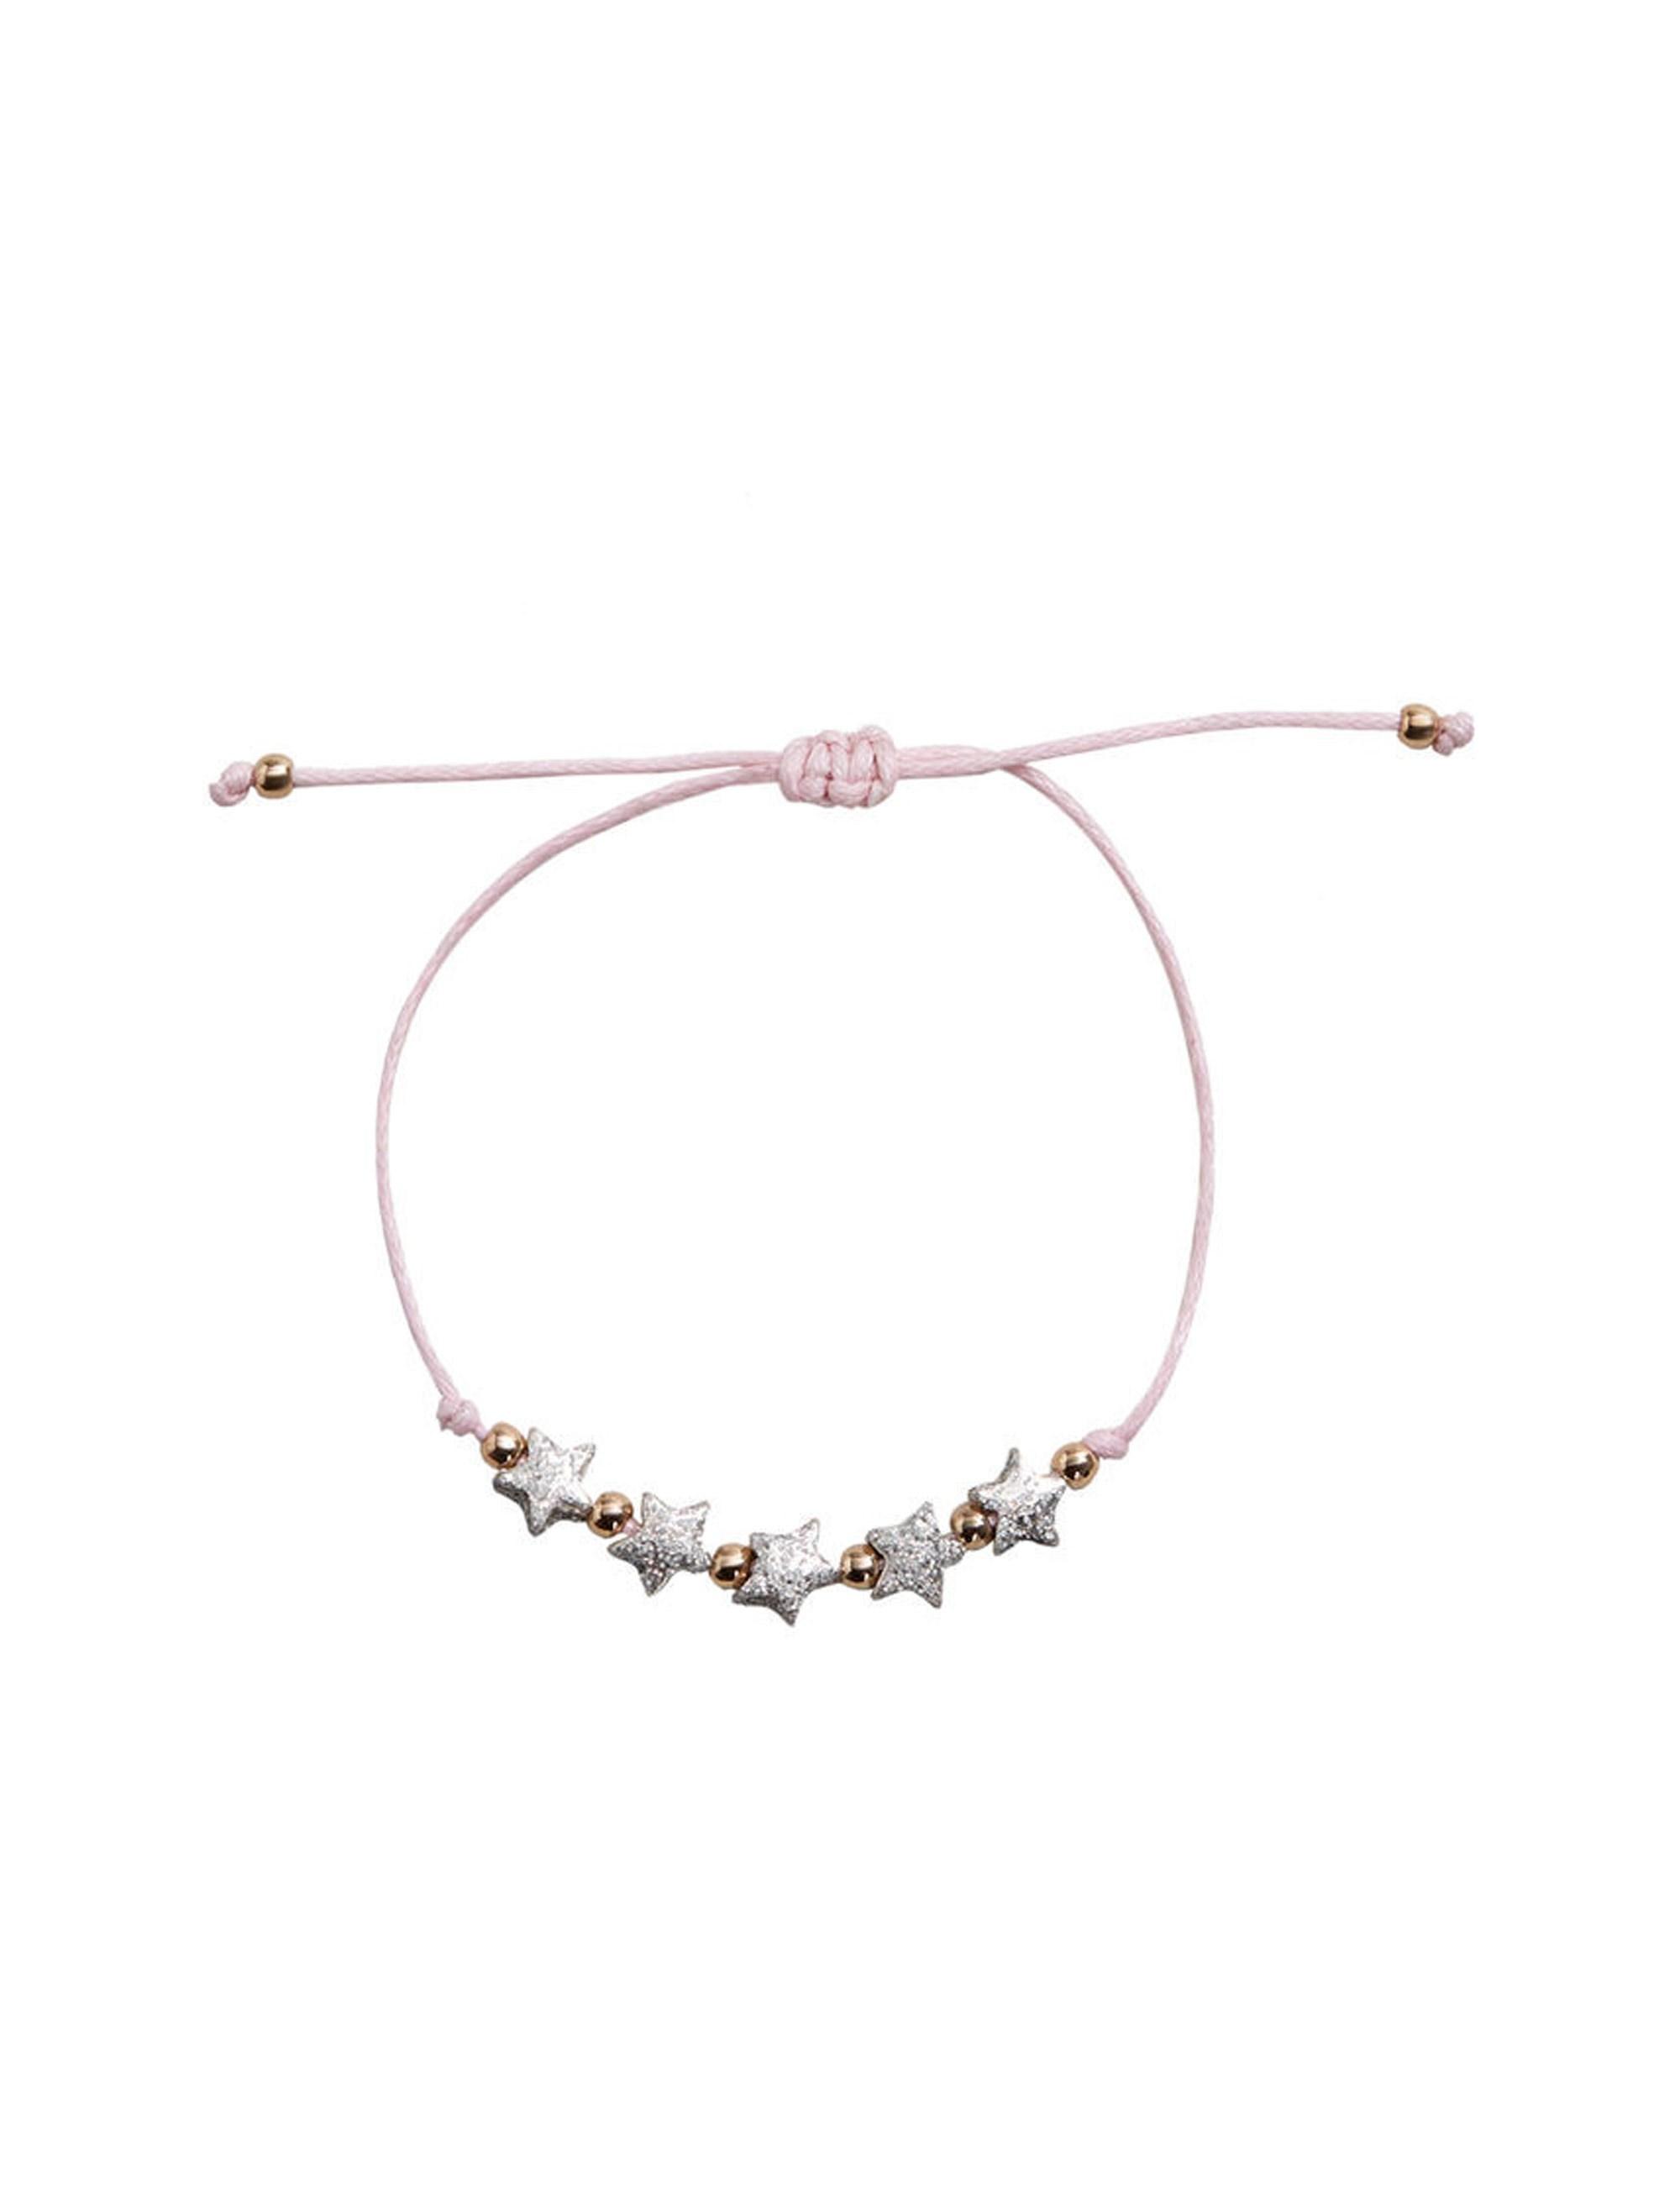 دستبند مهره ای دخترانه - مانگو تک سایز